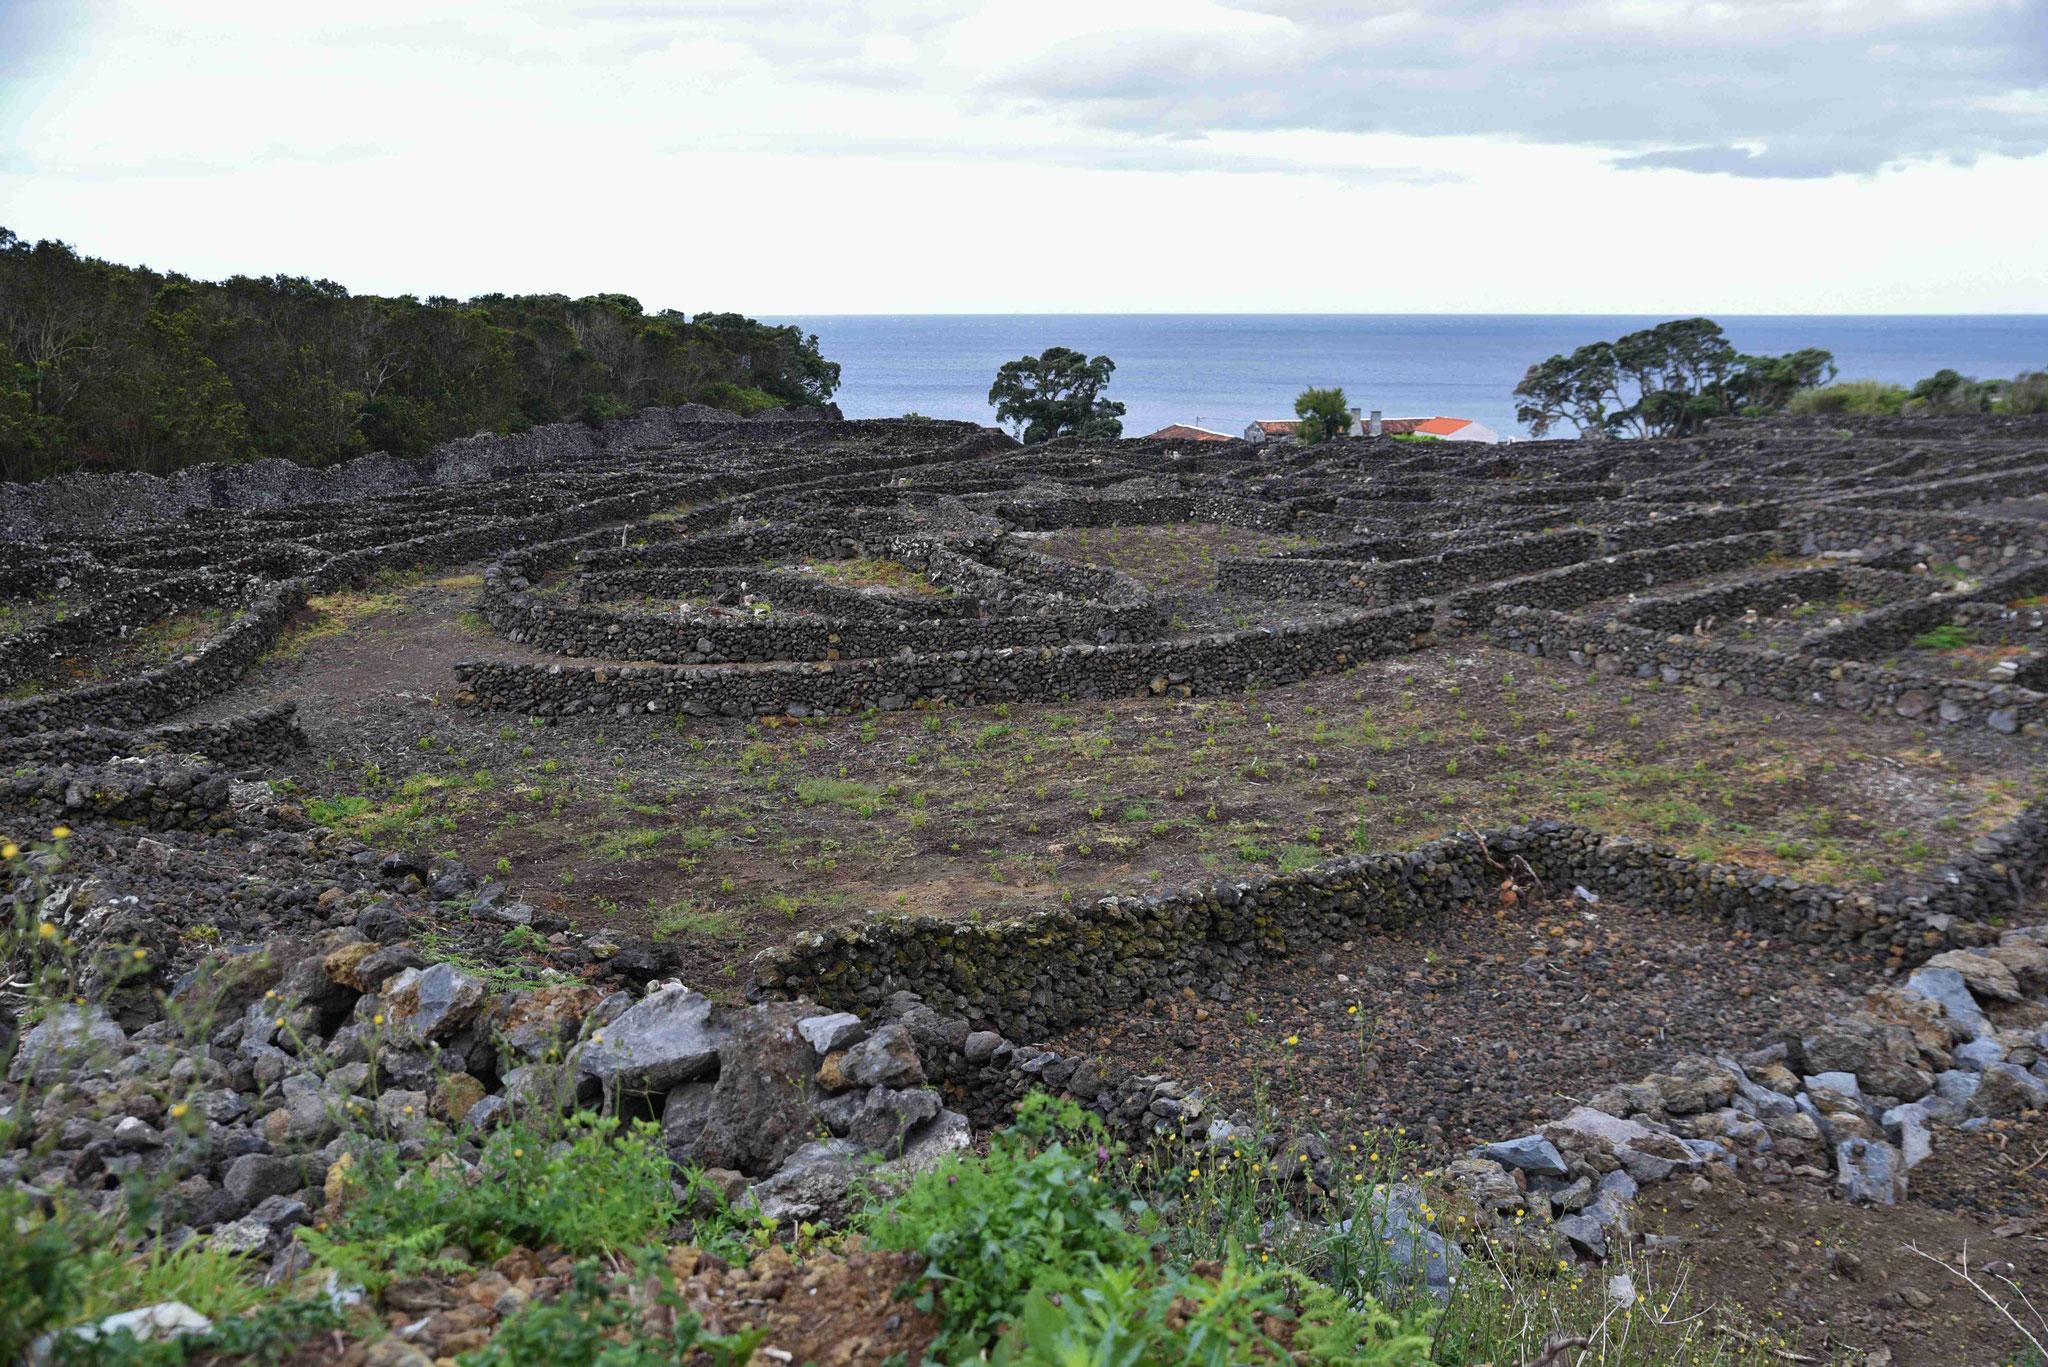 Steinmauern beherrschen große Teile der Insel